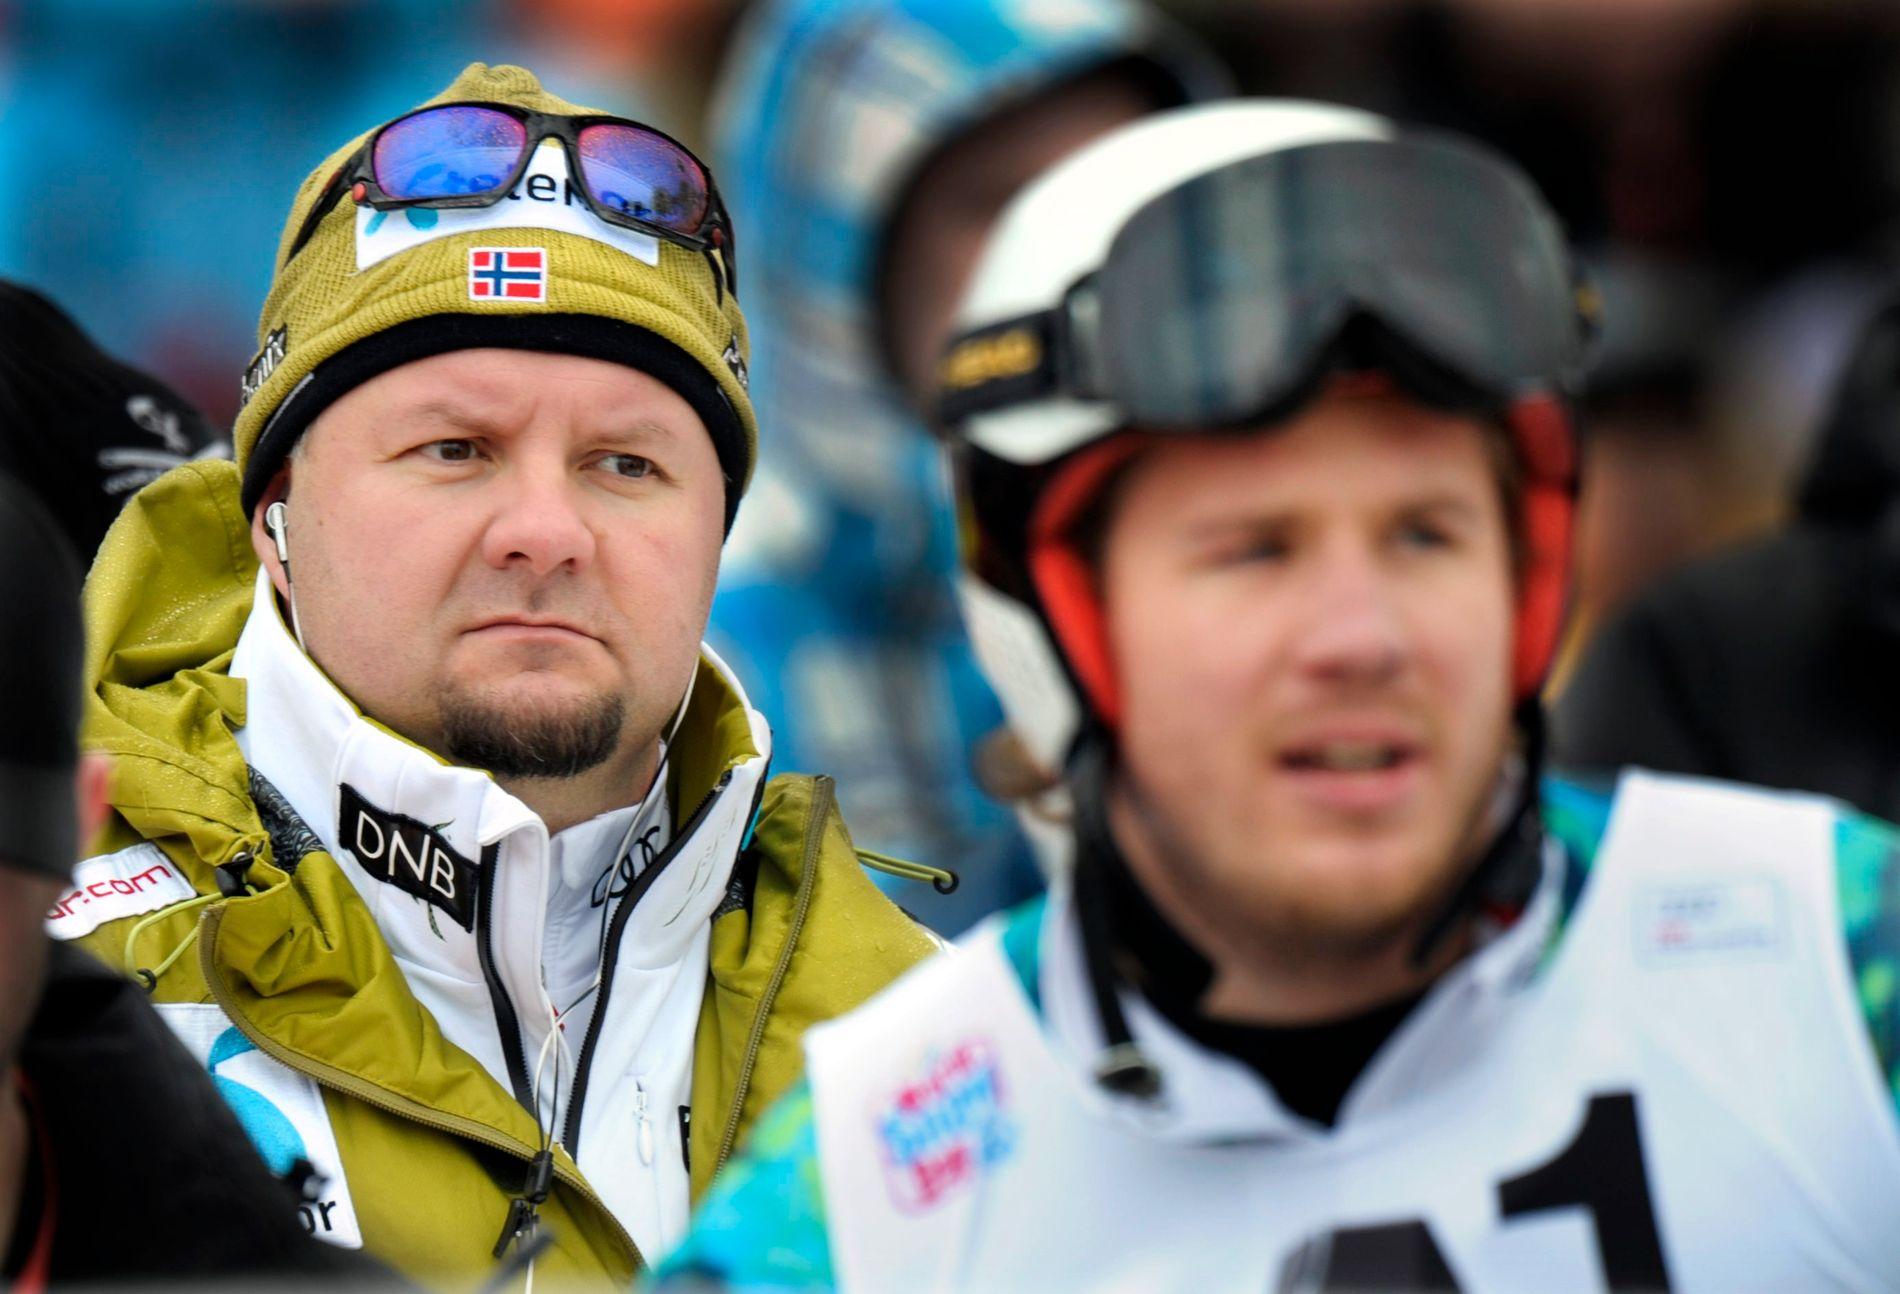 ØKONOMISK HEKT: Claus Ryste er sportssjef for alpinlandslagene. Her er han avbildet under det berømte Kitzbühel-rennet med stjernealpinisten Kjetil Jansrud i forgrunnen.